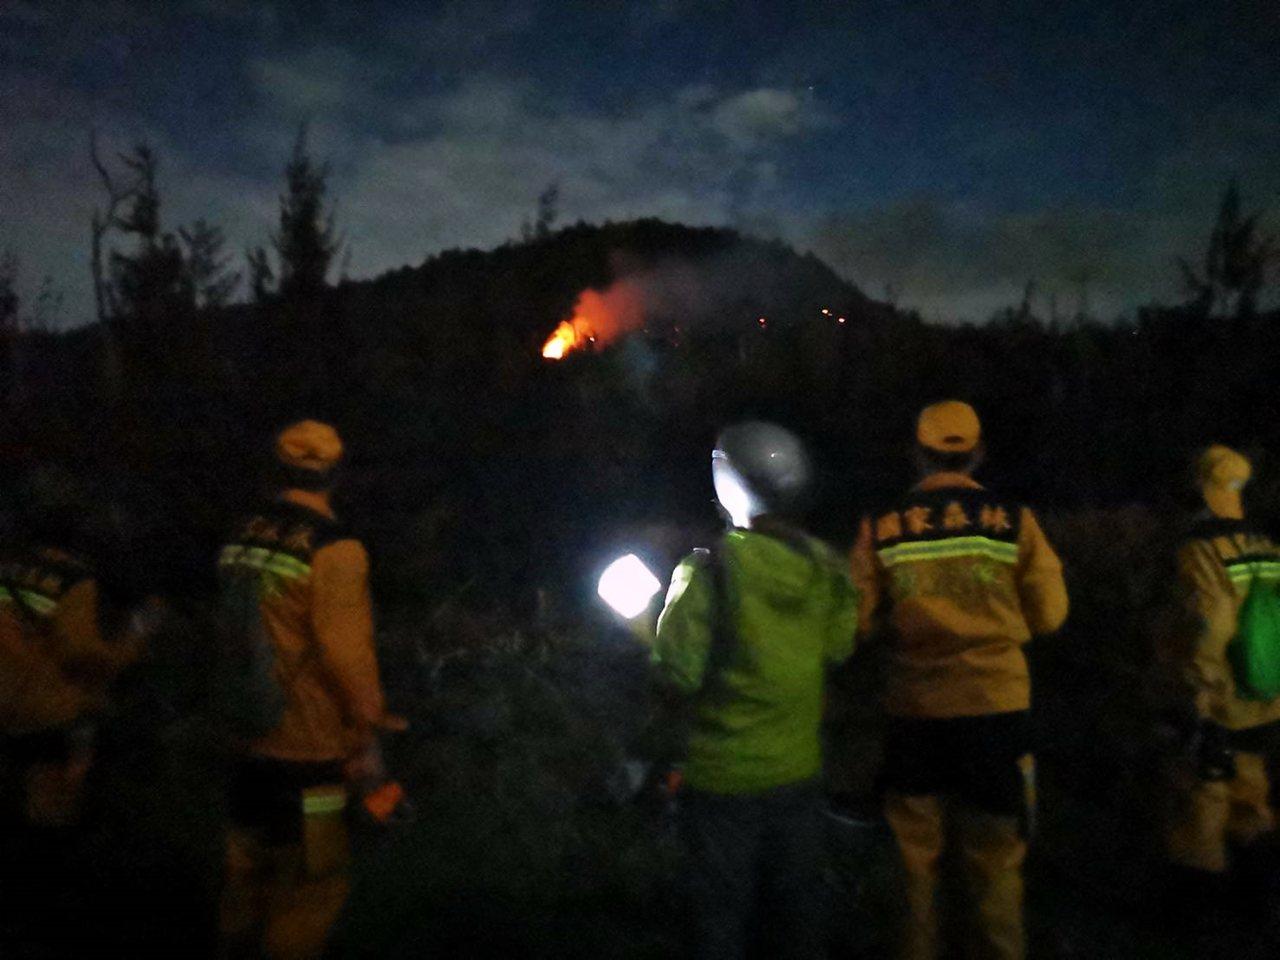 台東縣綠島鄉白沙尾防風林森林火災17日晚上9點許復燃。圖/台東林管處提供